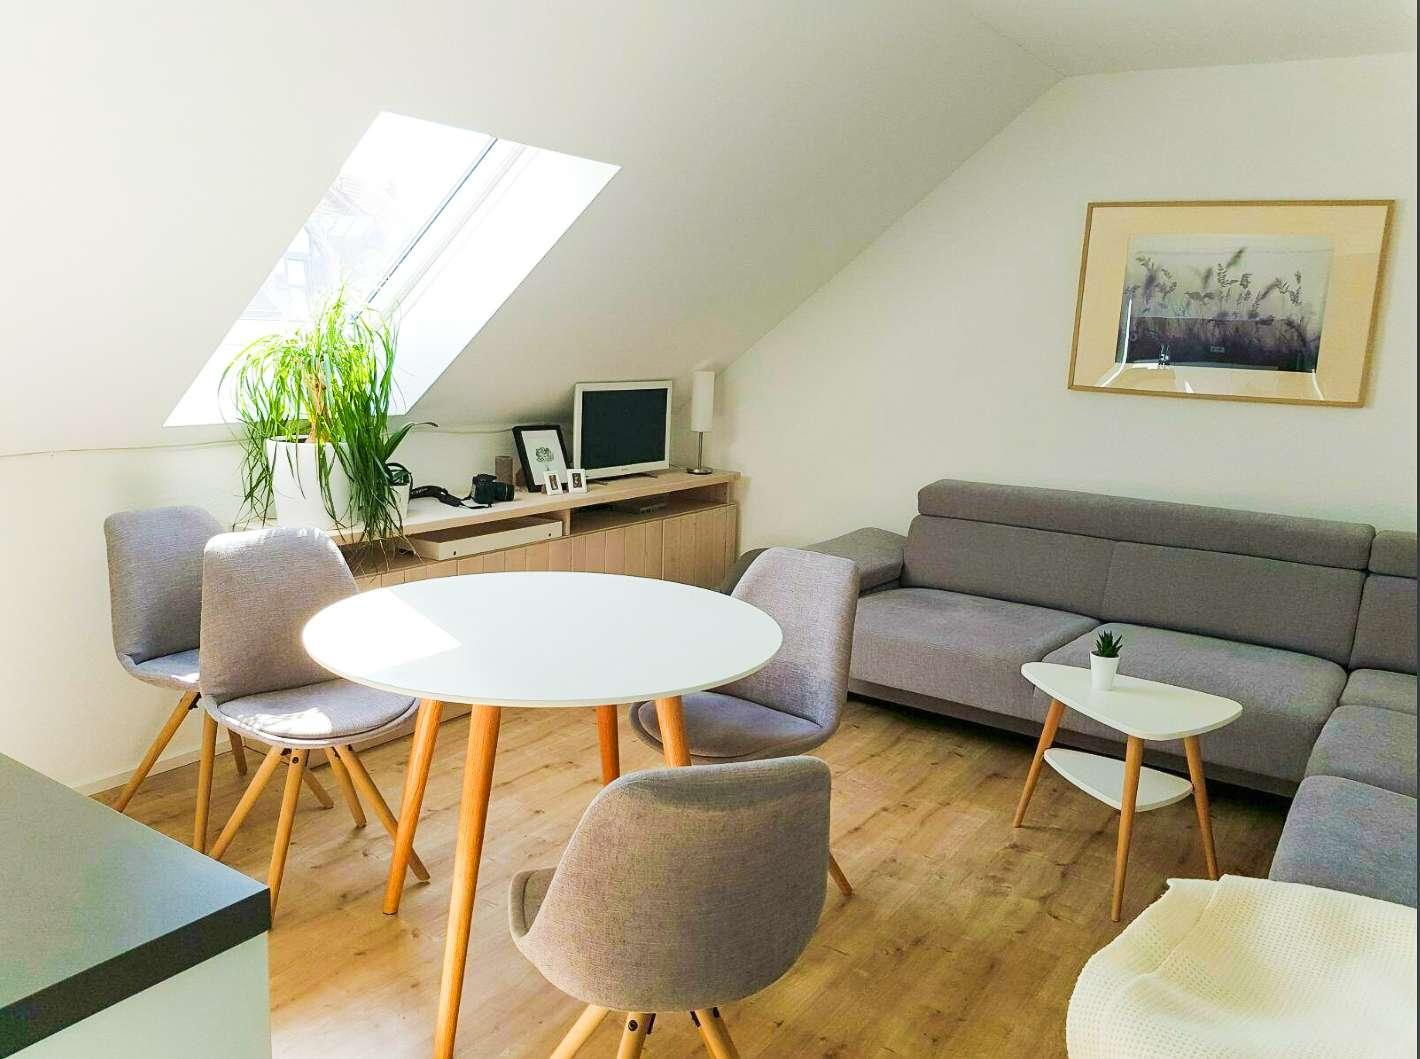 Ab 1.12.: moderne 3-Zimmer-Neubau-Wohnung mit sonniger Dachterrasse in Würzburg (WG geeignet) in Heuchelhof (Würzburg)